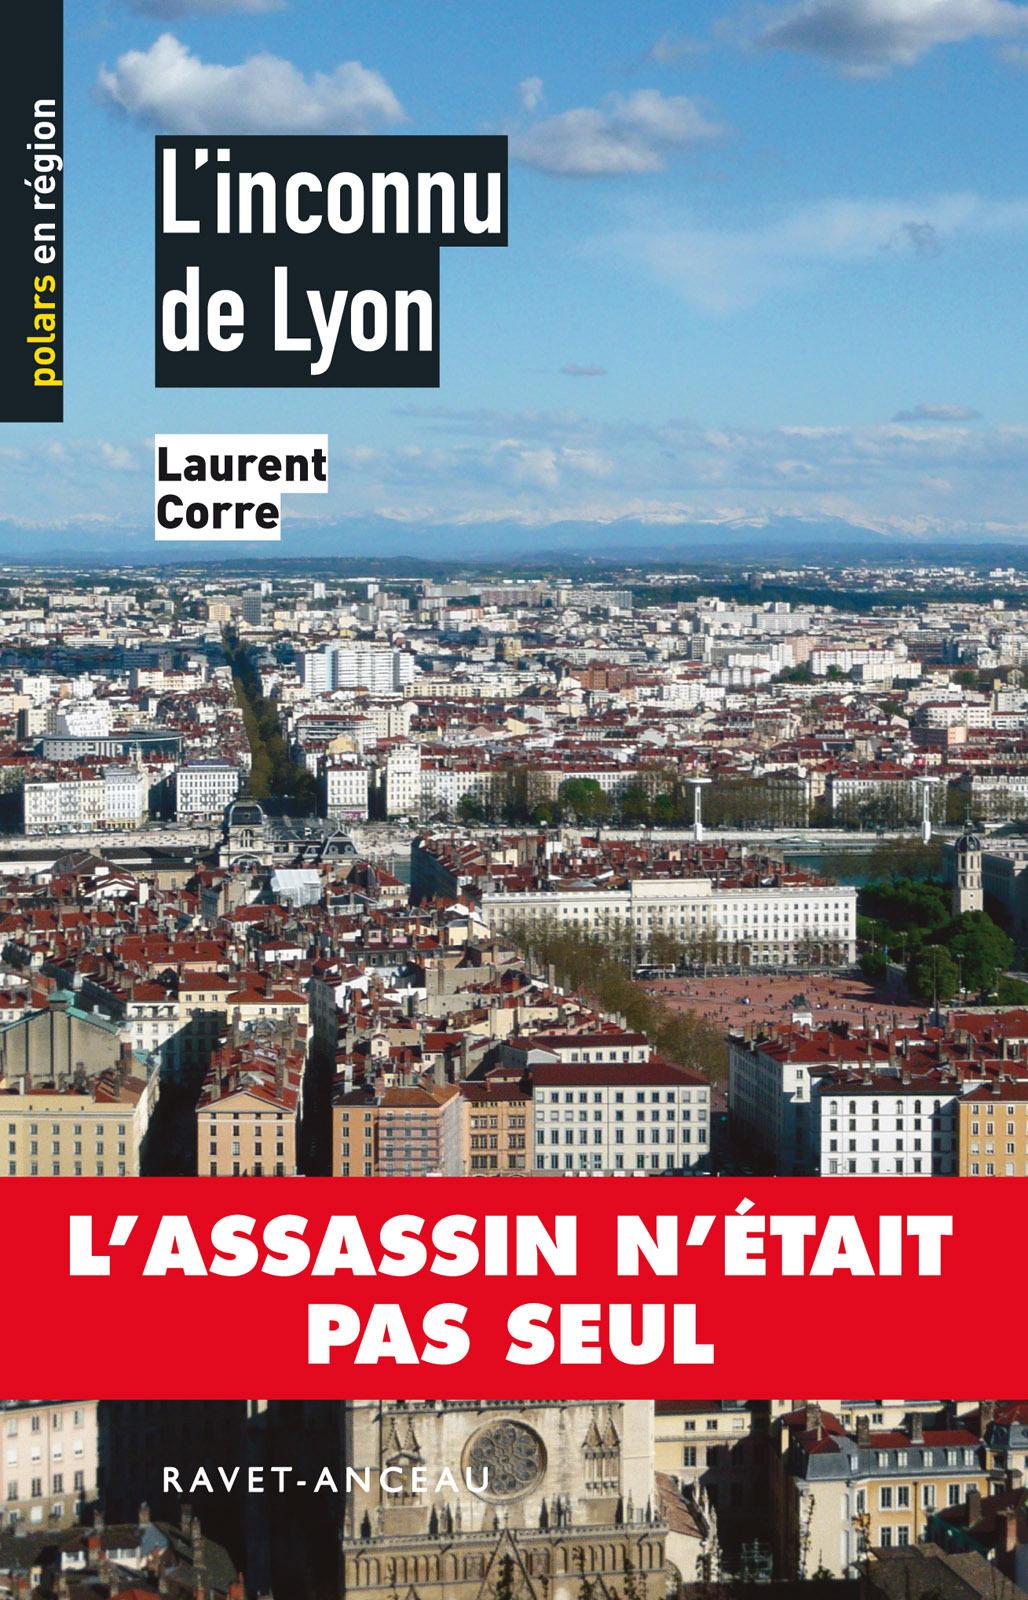 L'INCONNU DE LYON